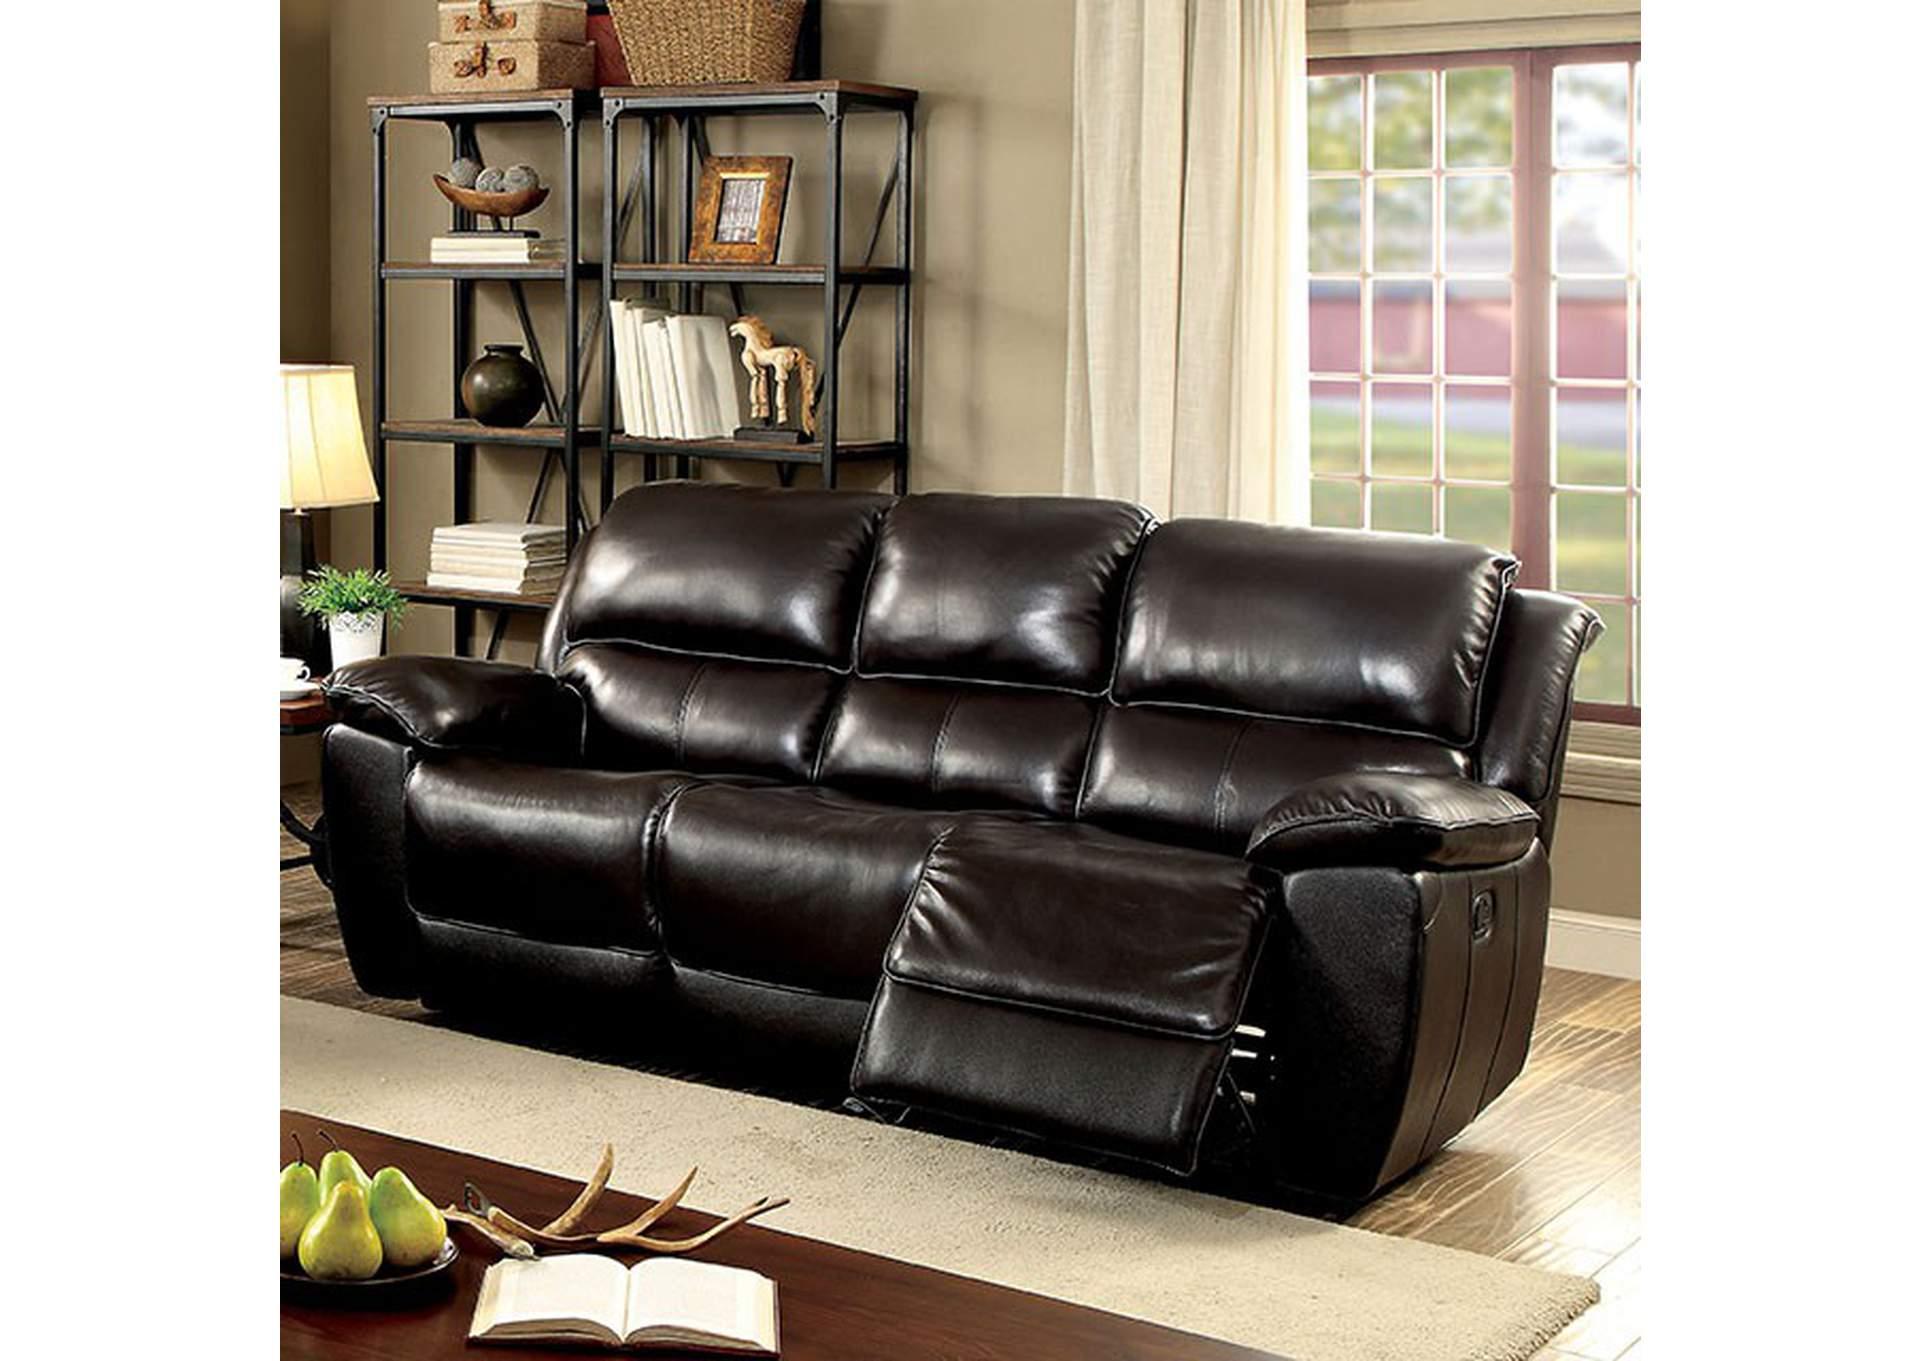 iDeal Furniture Austell Keara Dark Brown Sofa w/2 Recliners